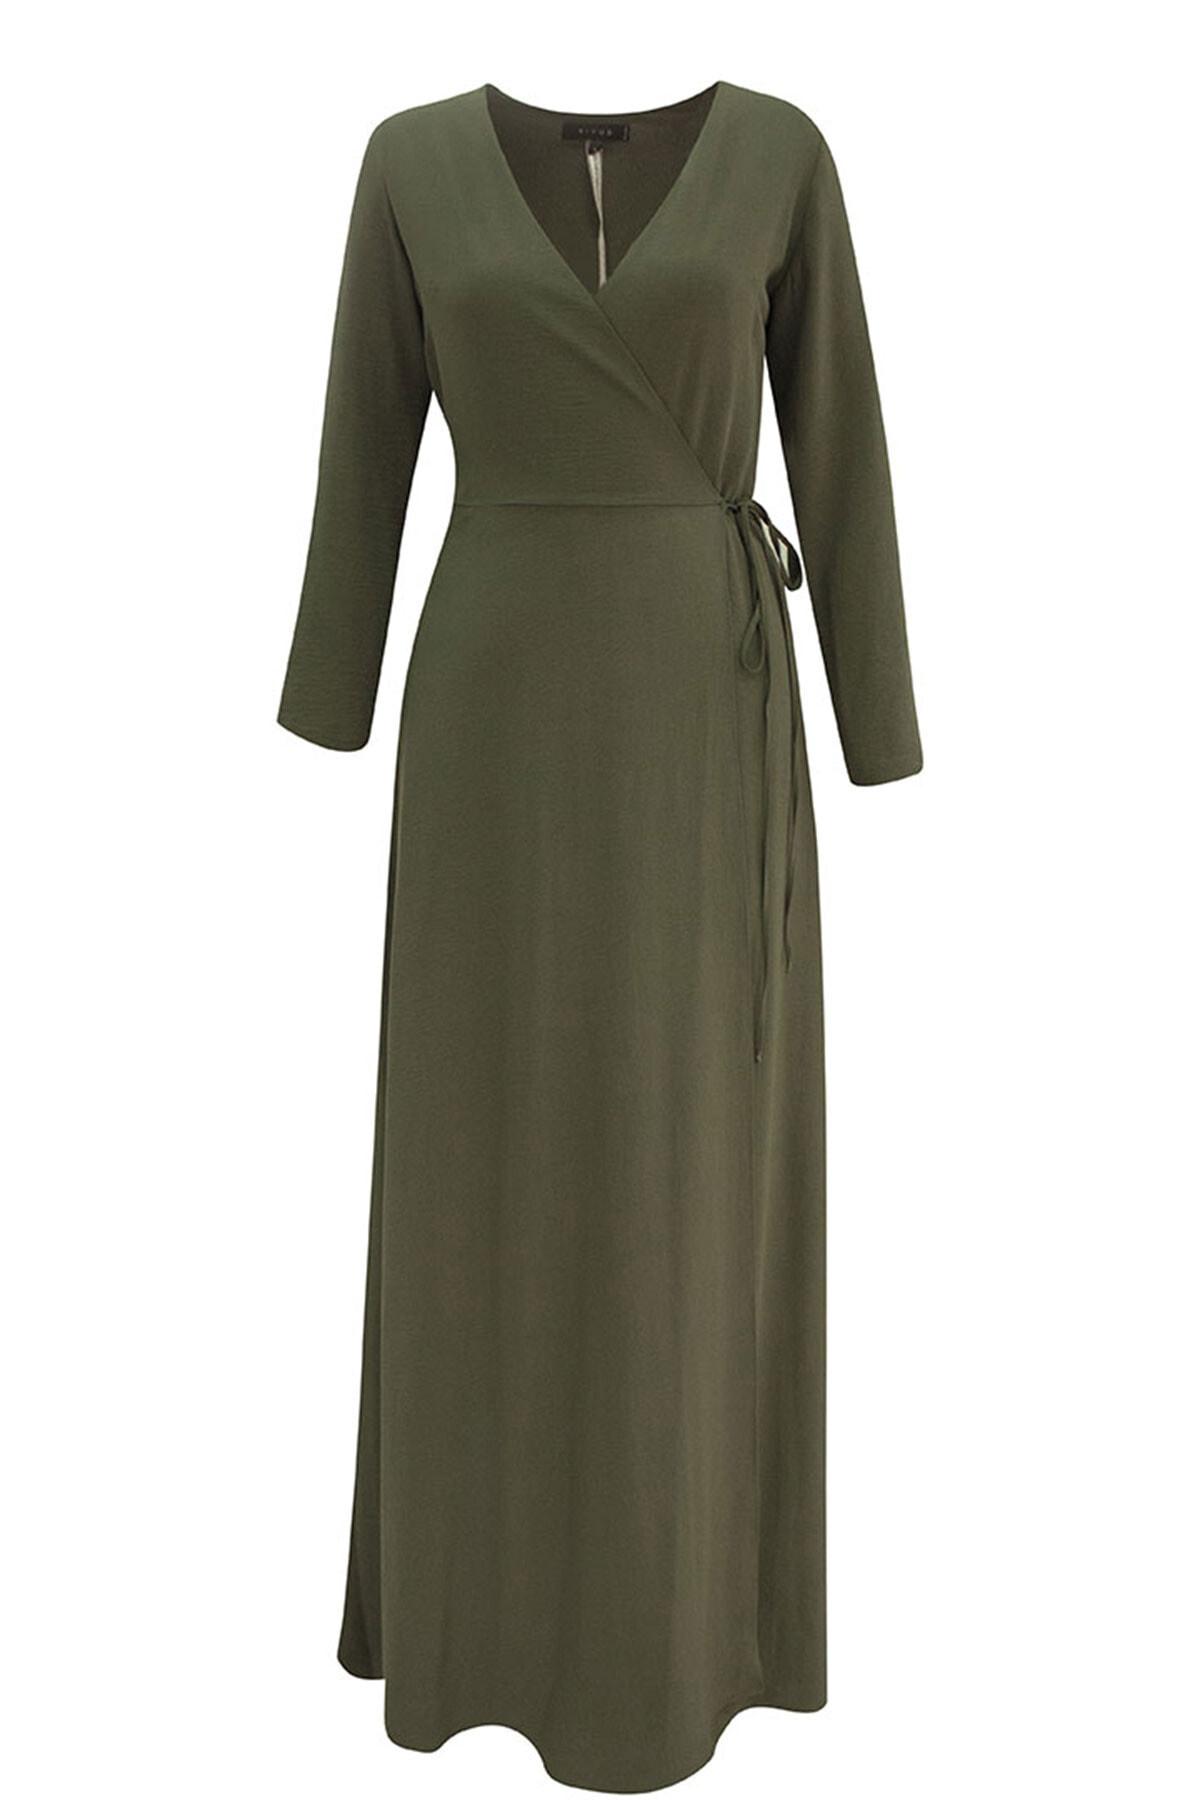 RİVUS Kadın Haki Elbise 1300